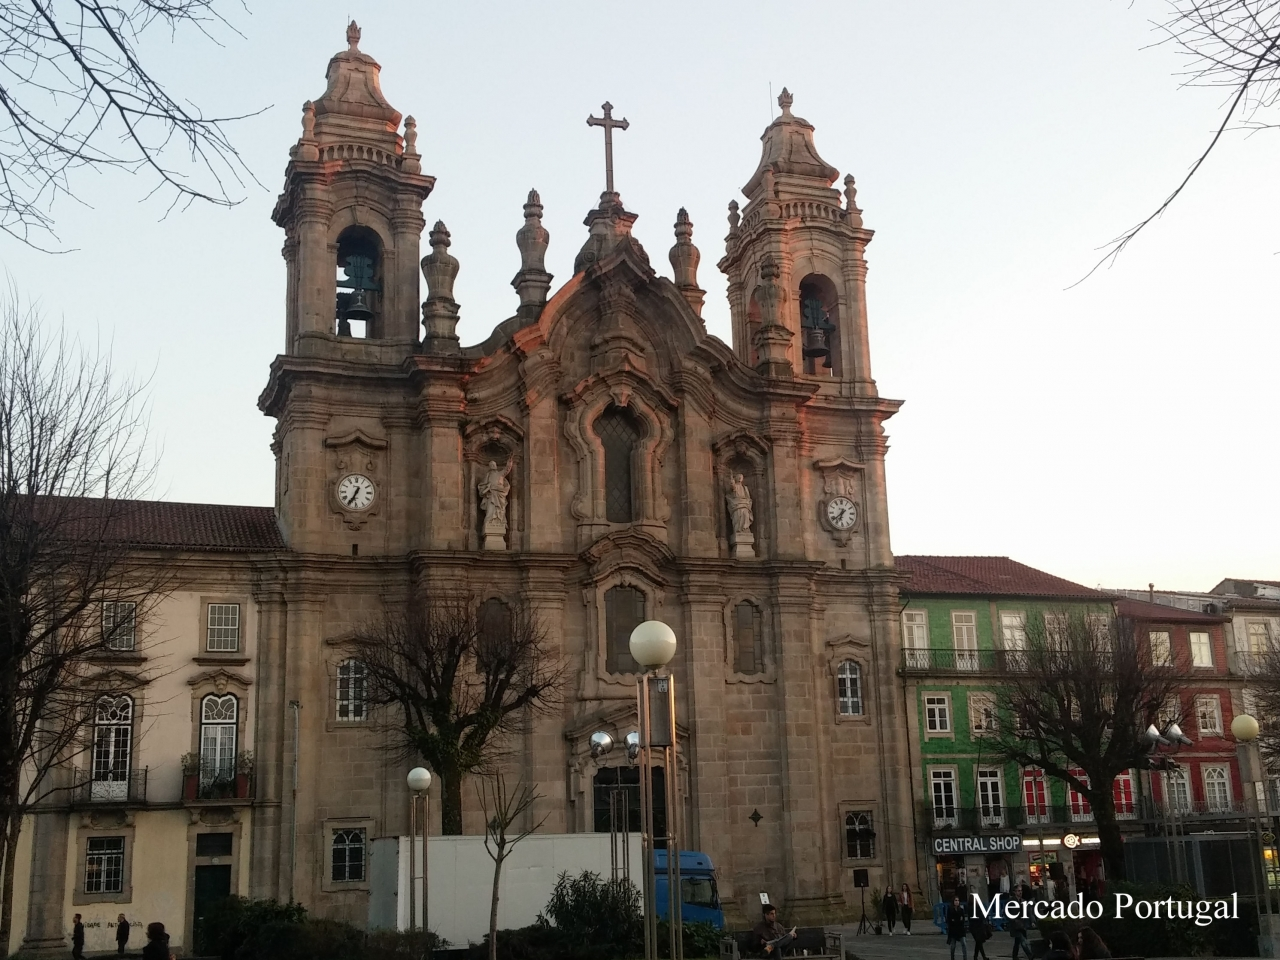 広場の真ん中には信徒教会(Igreja dos Congregados)があります。